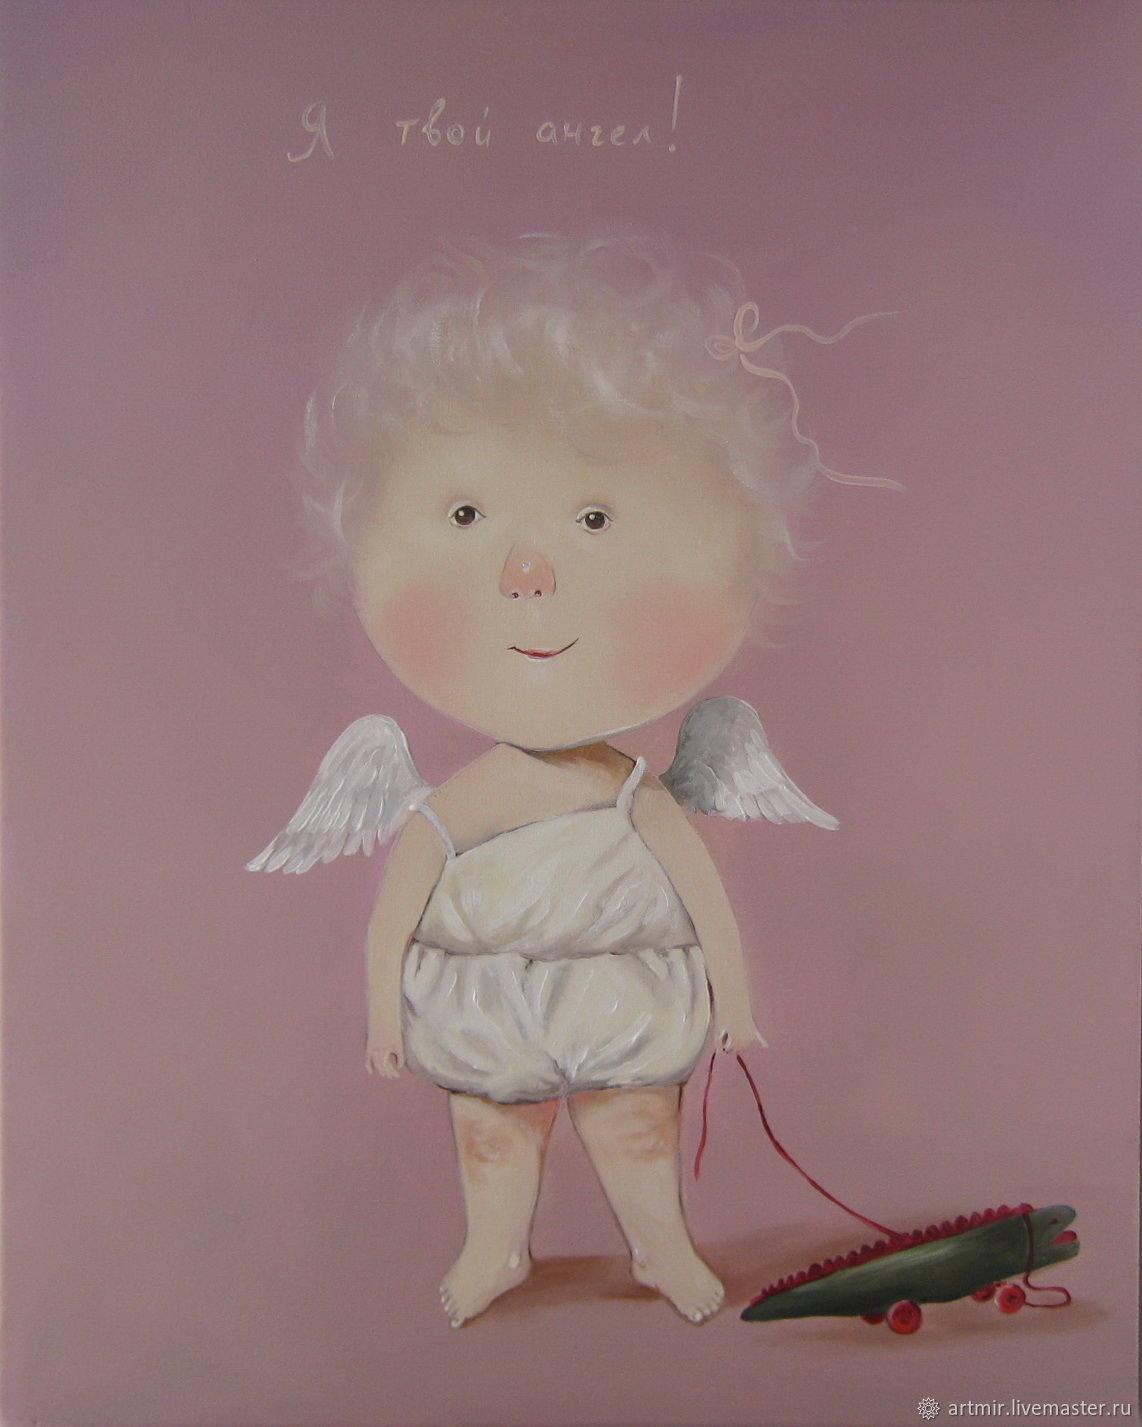 очень ангелы гапчинской картинки содержит всё необходимое